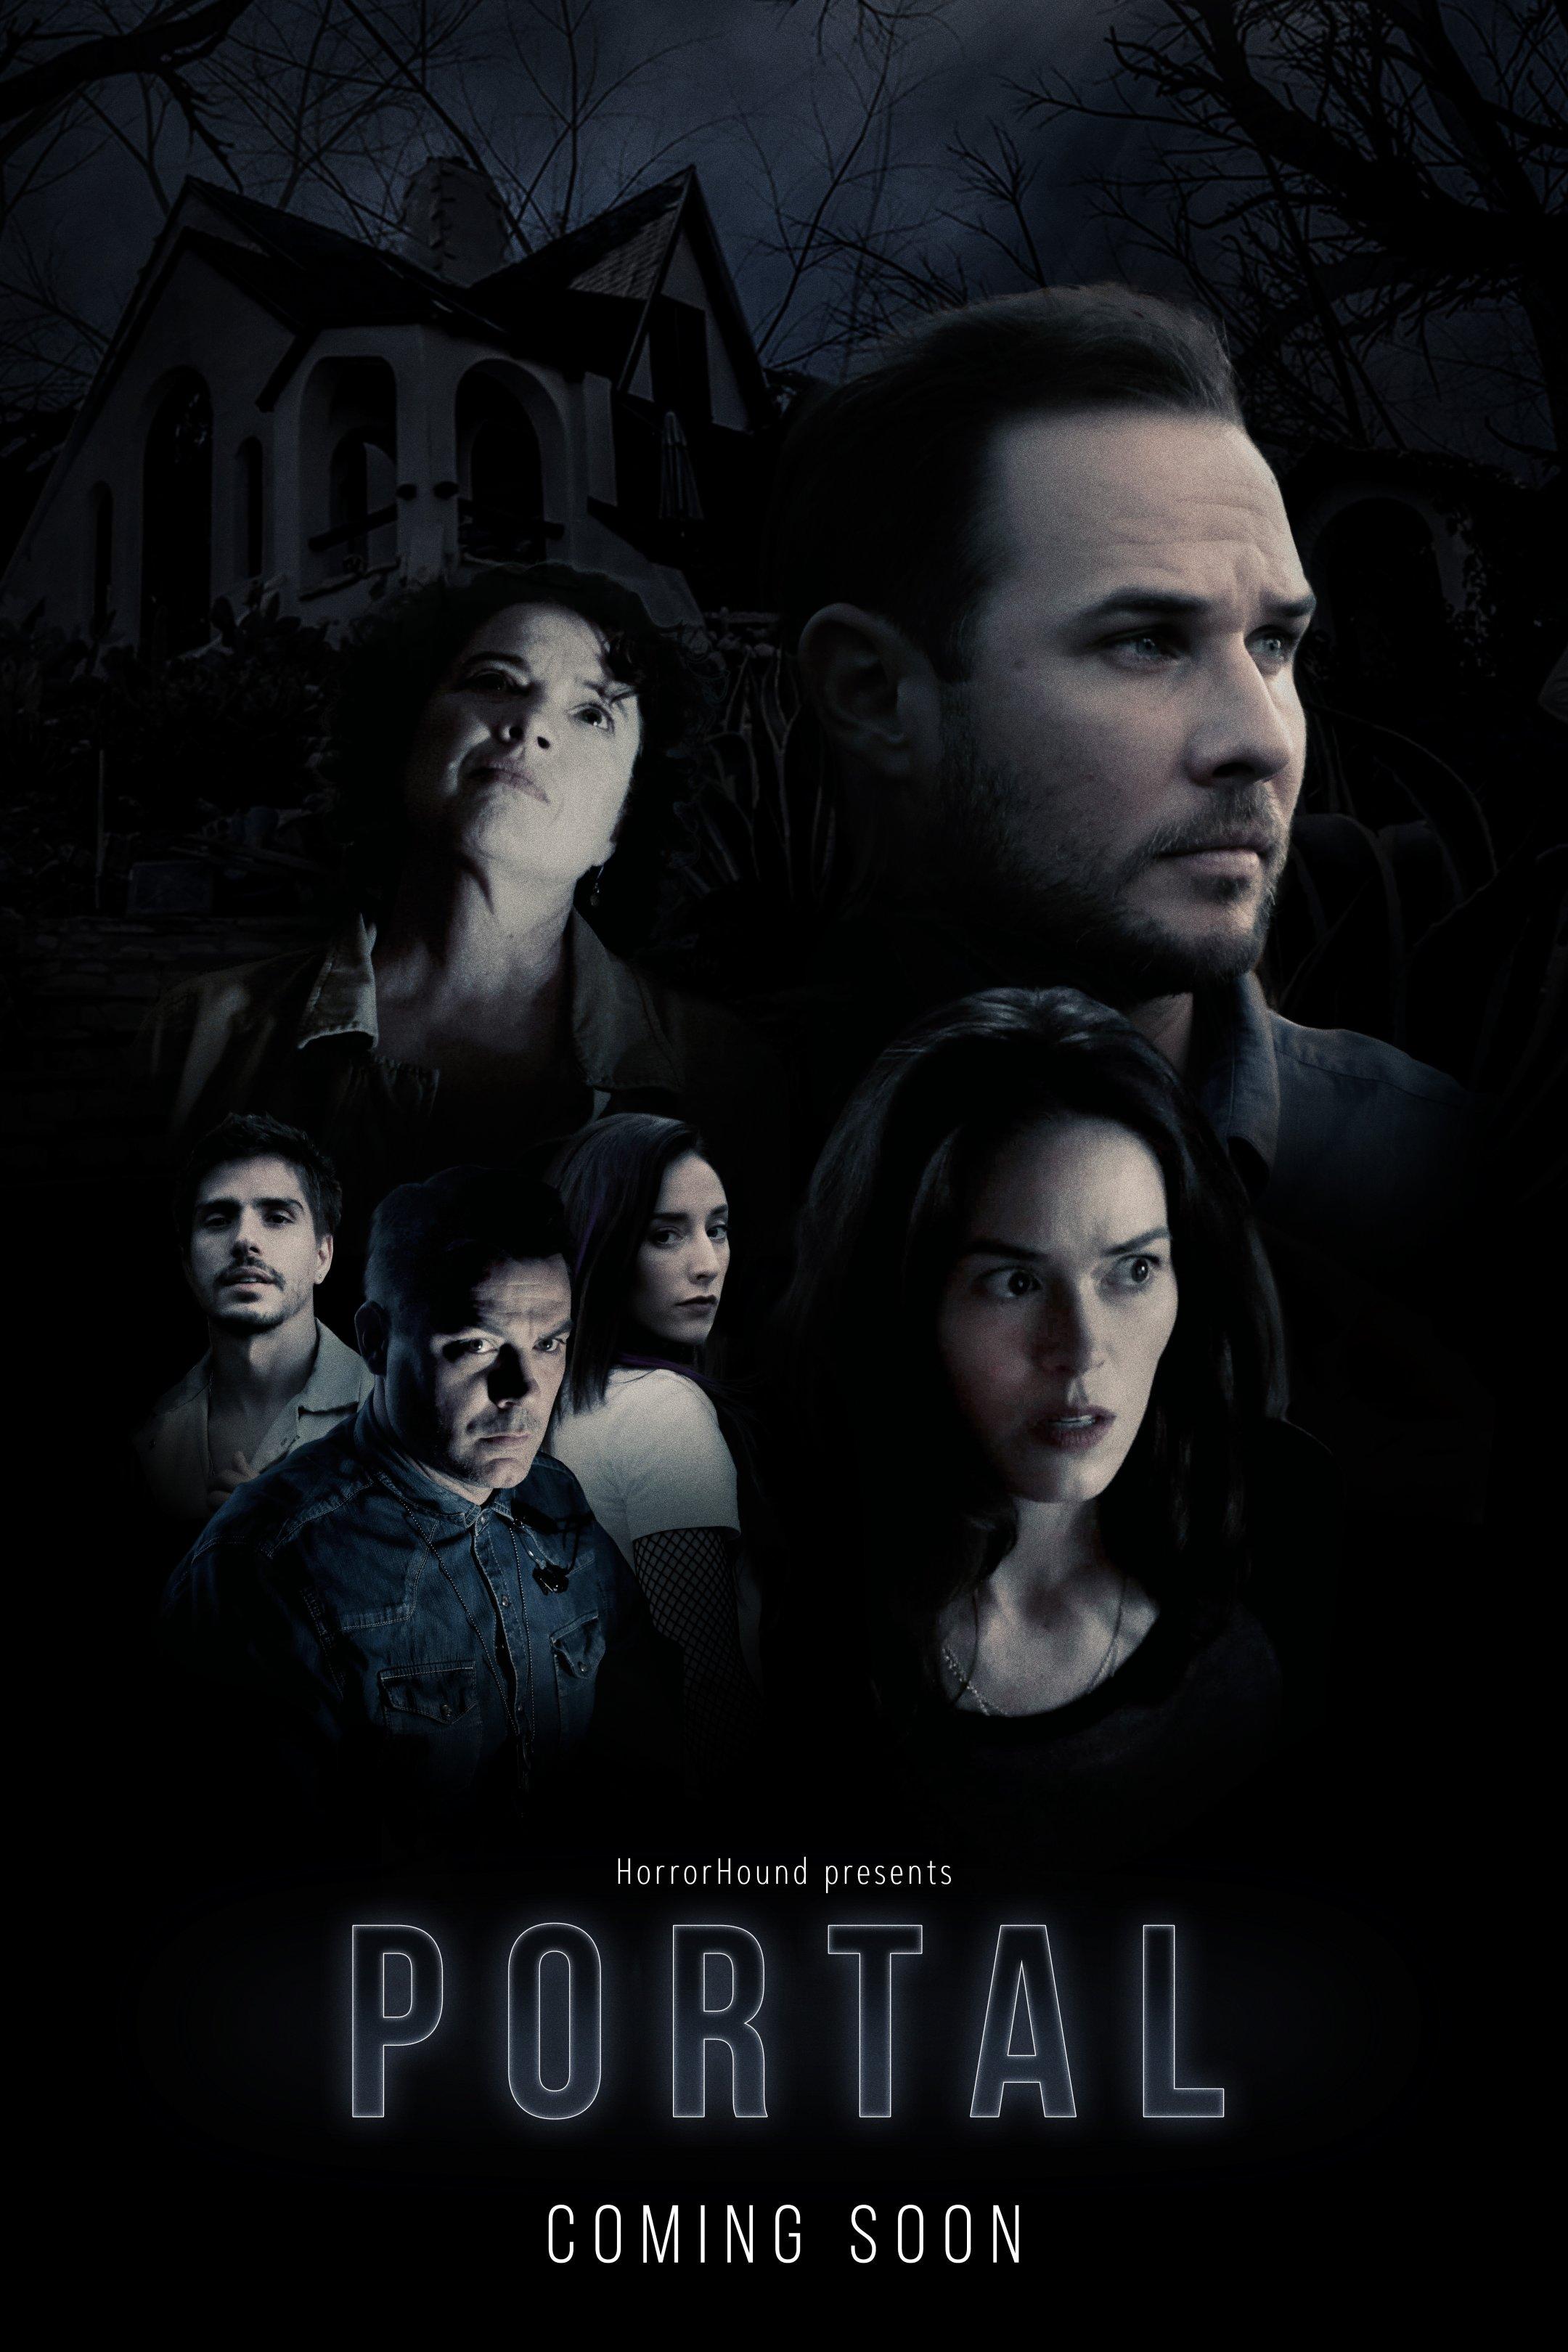 Portalas (2019) / Portal